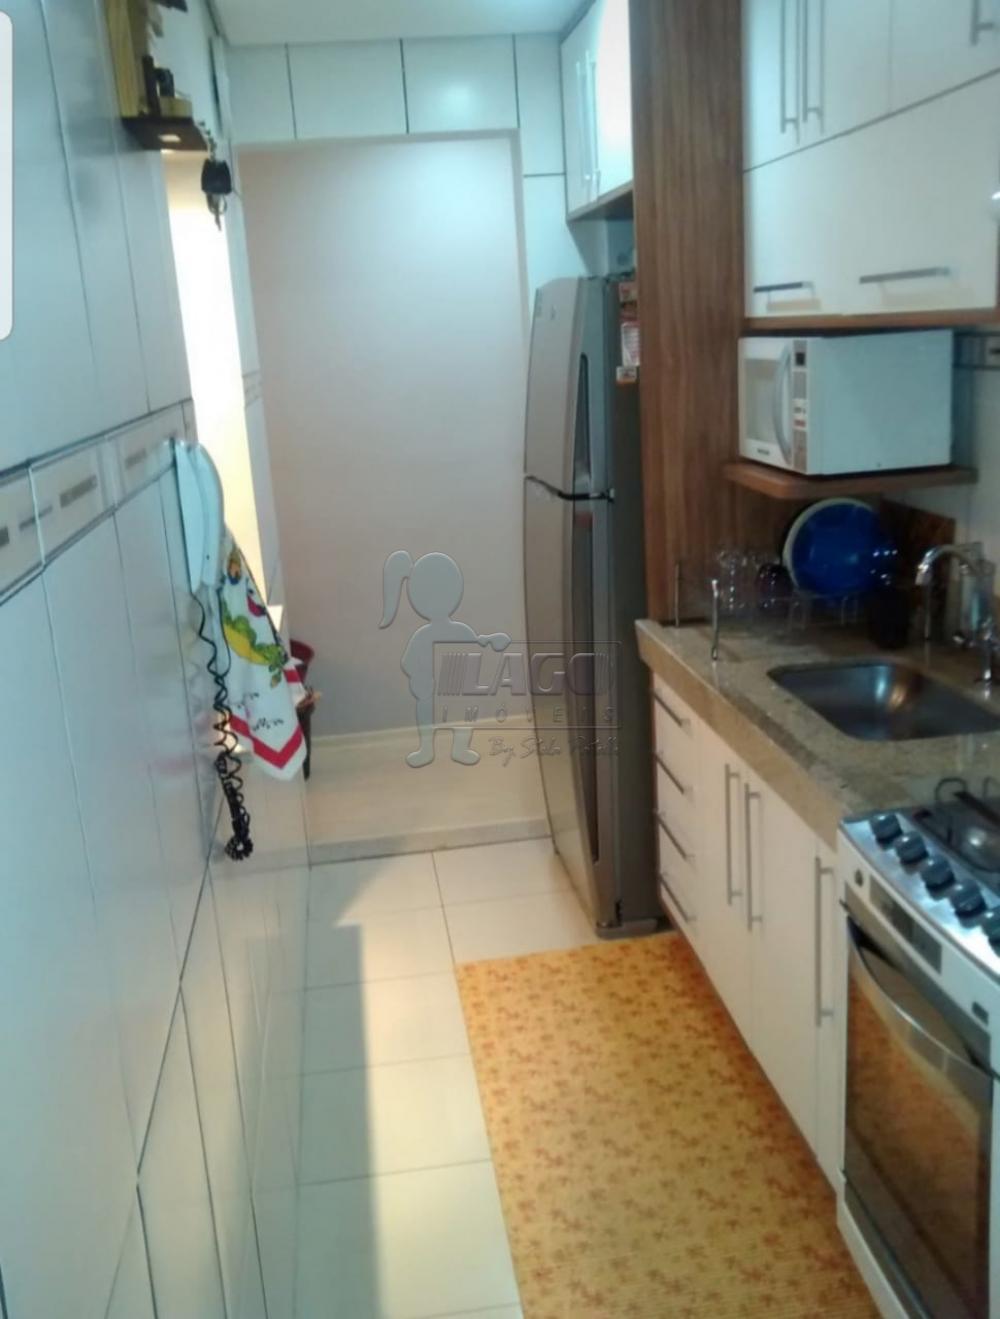 Comprar Apartamento / Padrão em Ribeirão Preto apenas R$ 260.000,00 - Foto 21